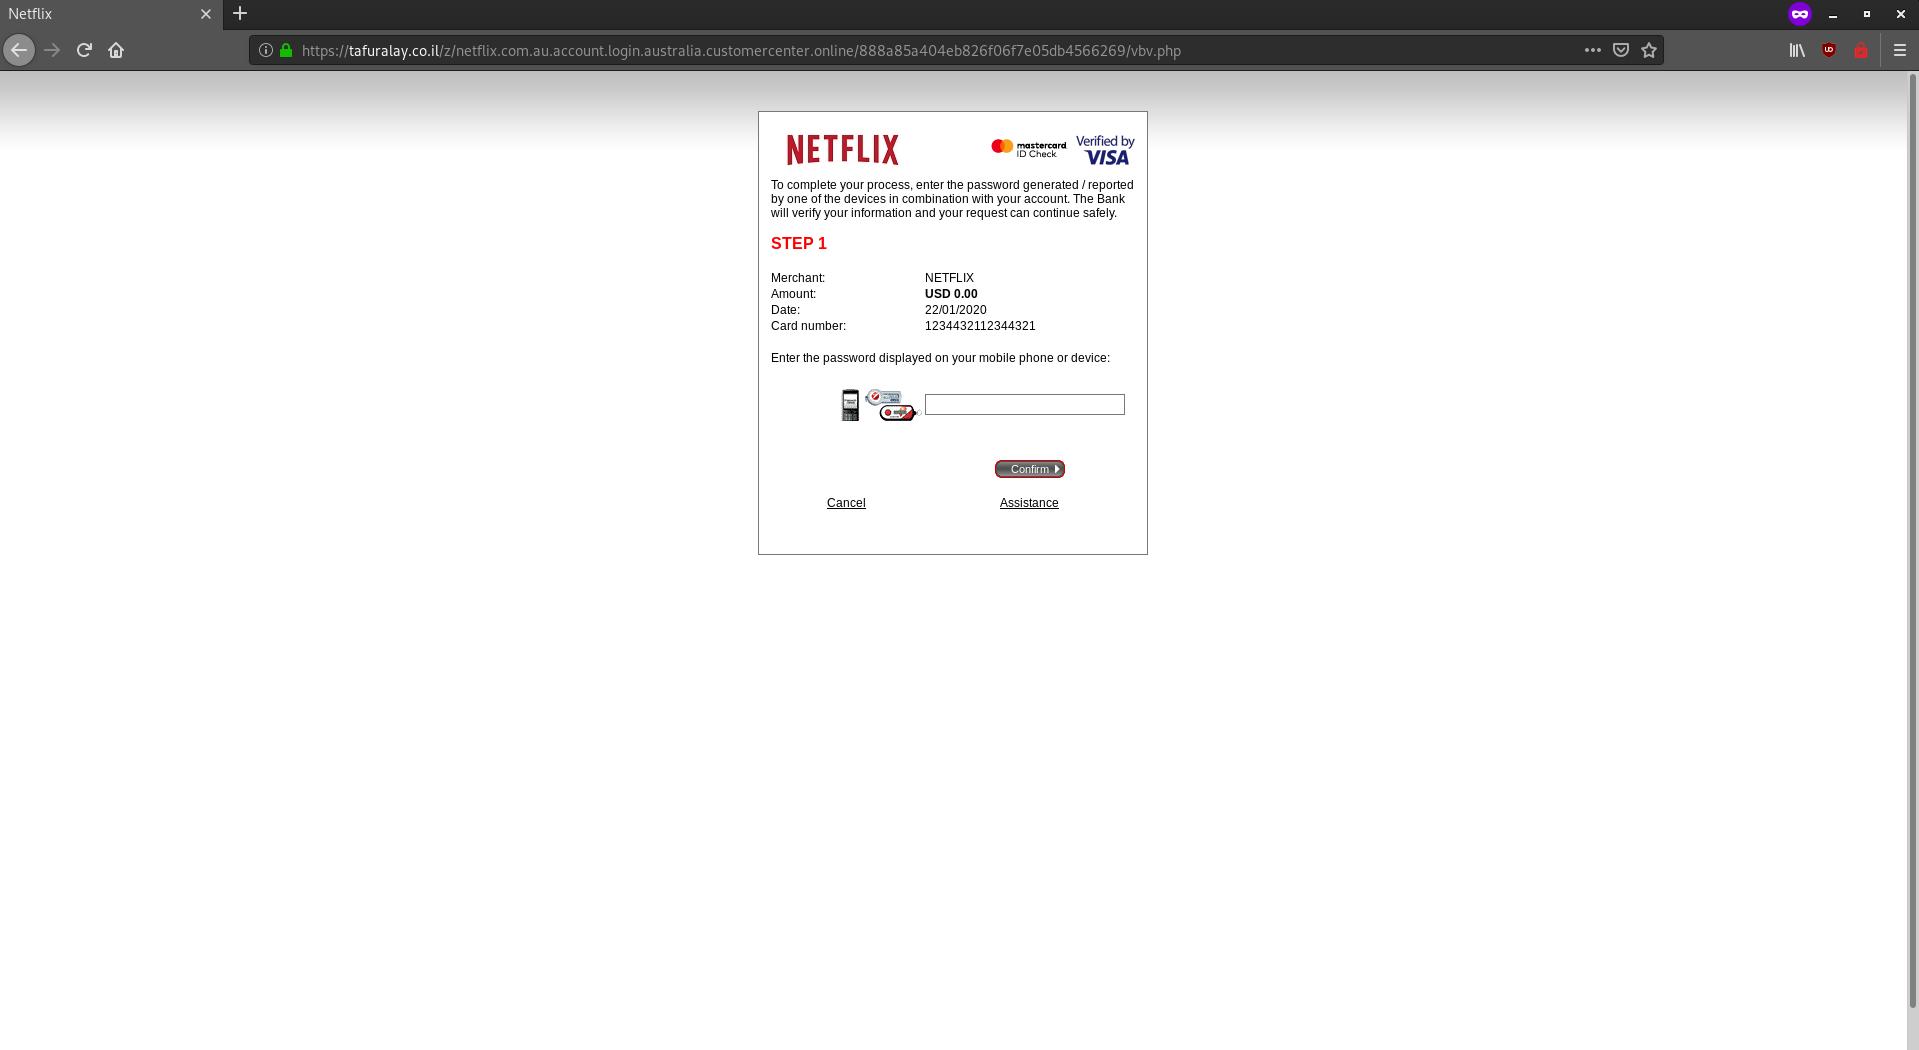 Netflix 2401_4